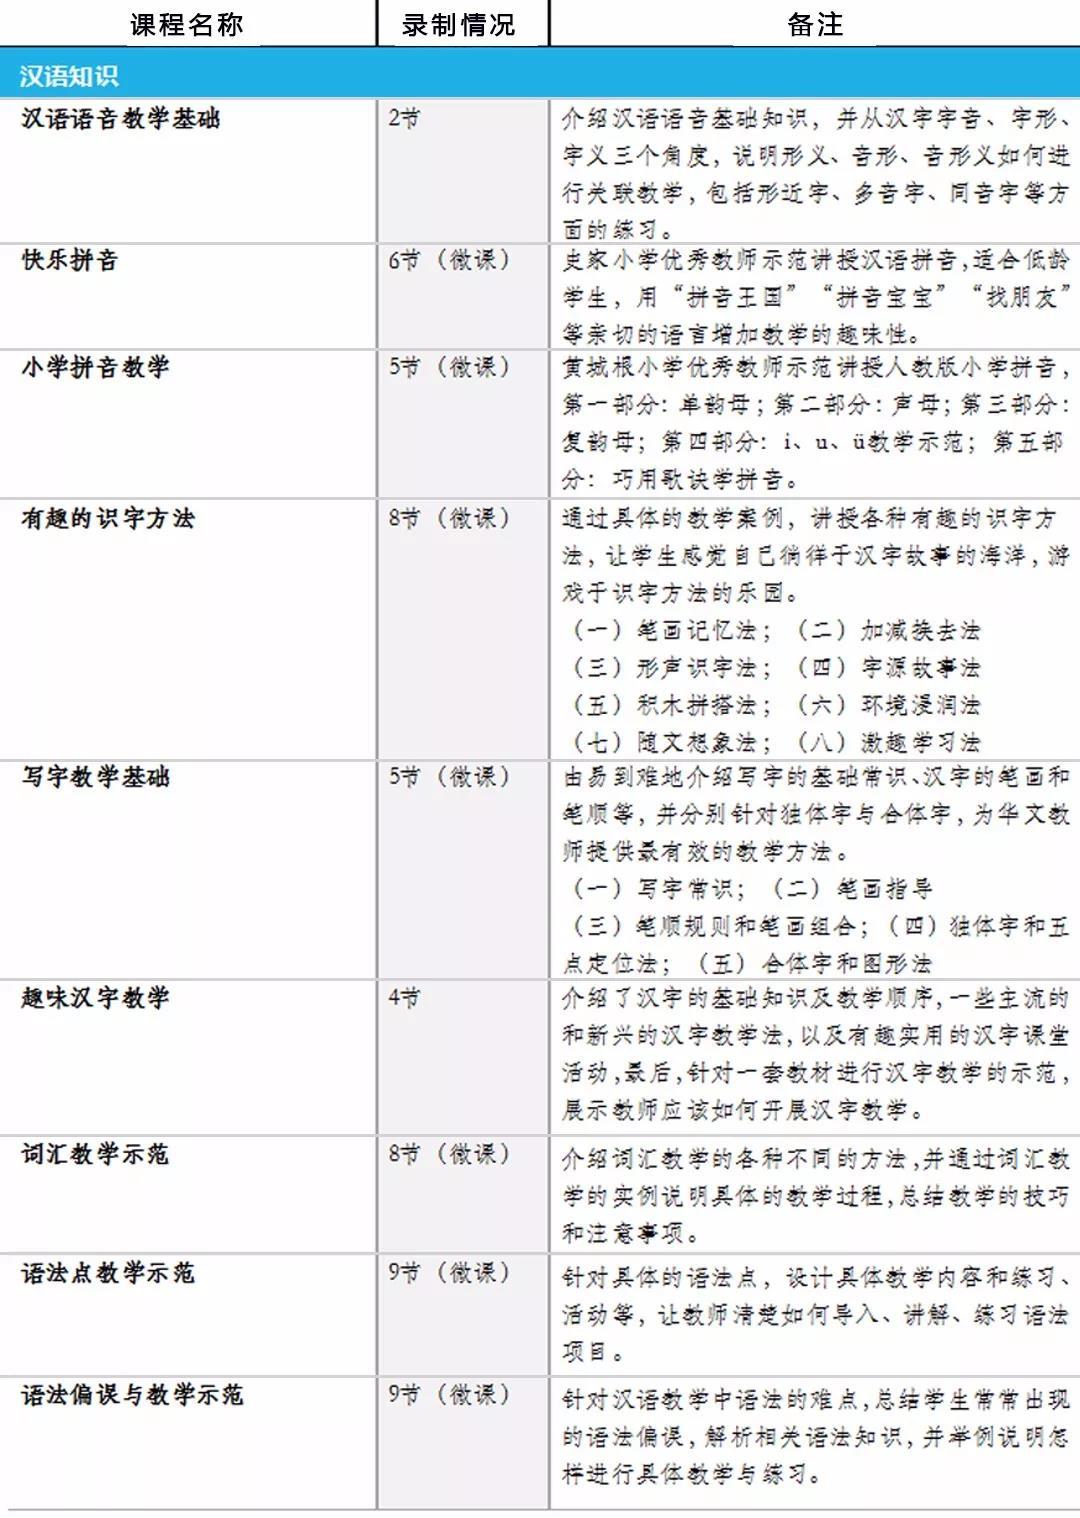 2018年德国华文教师远程培训选课内容